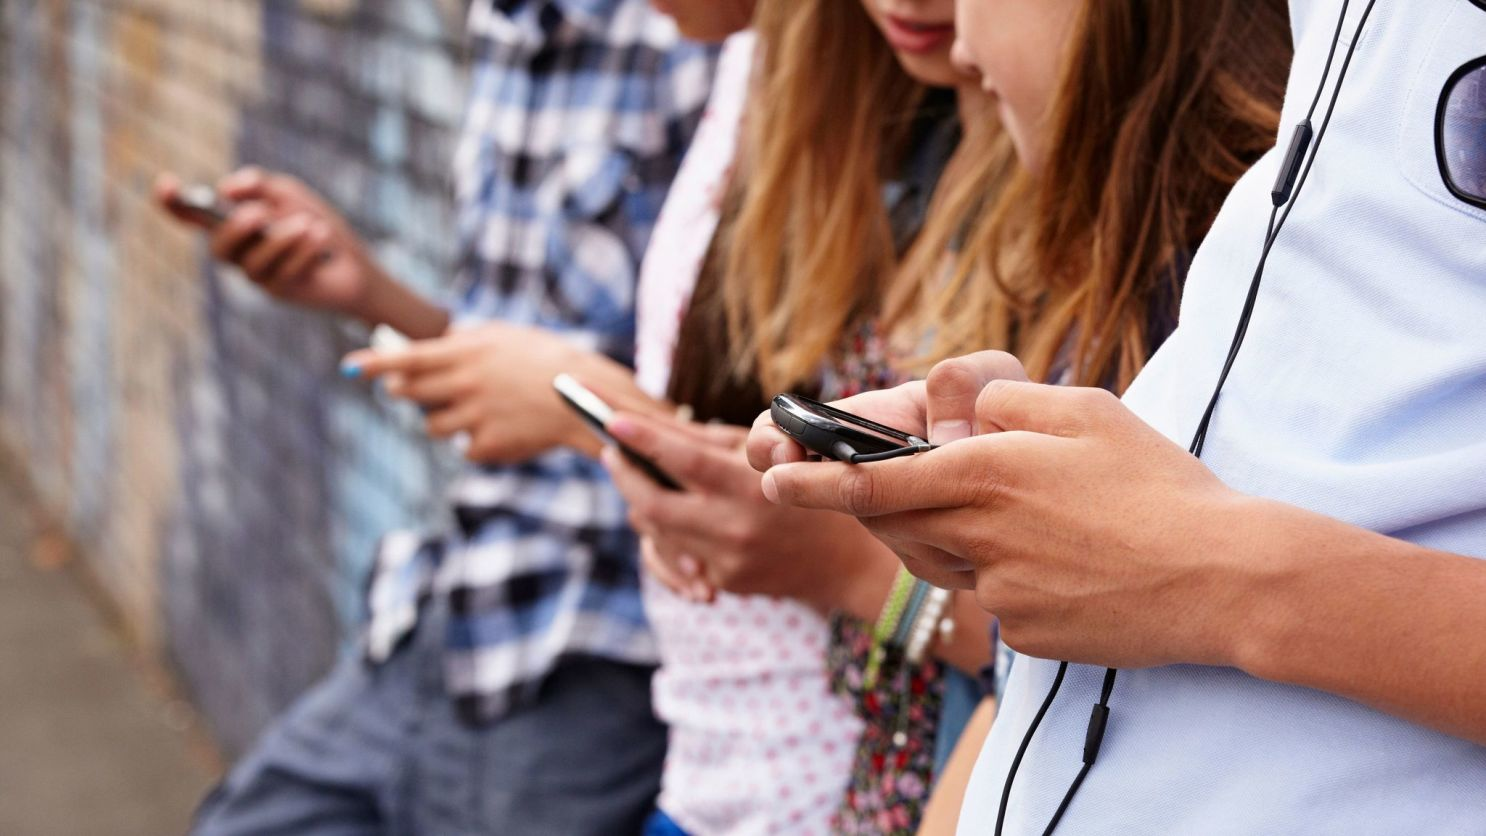 Чёткой связи между детской депрессией и смартфонами не нашли. Но исследования противоречат друг другу - 1